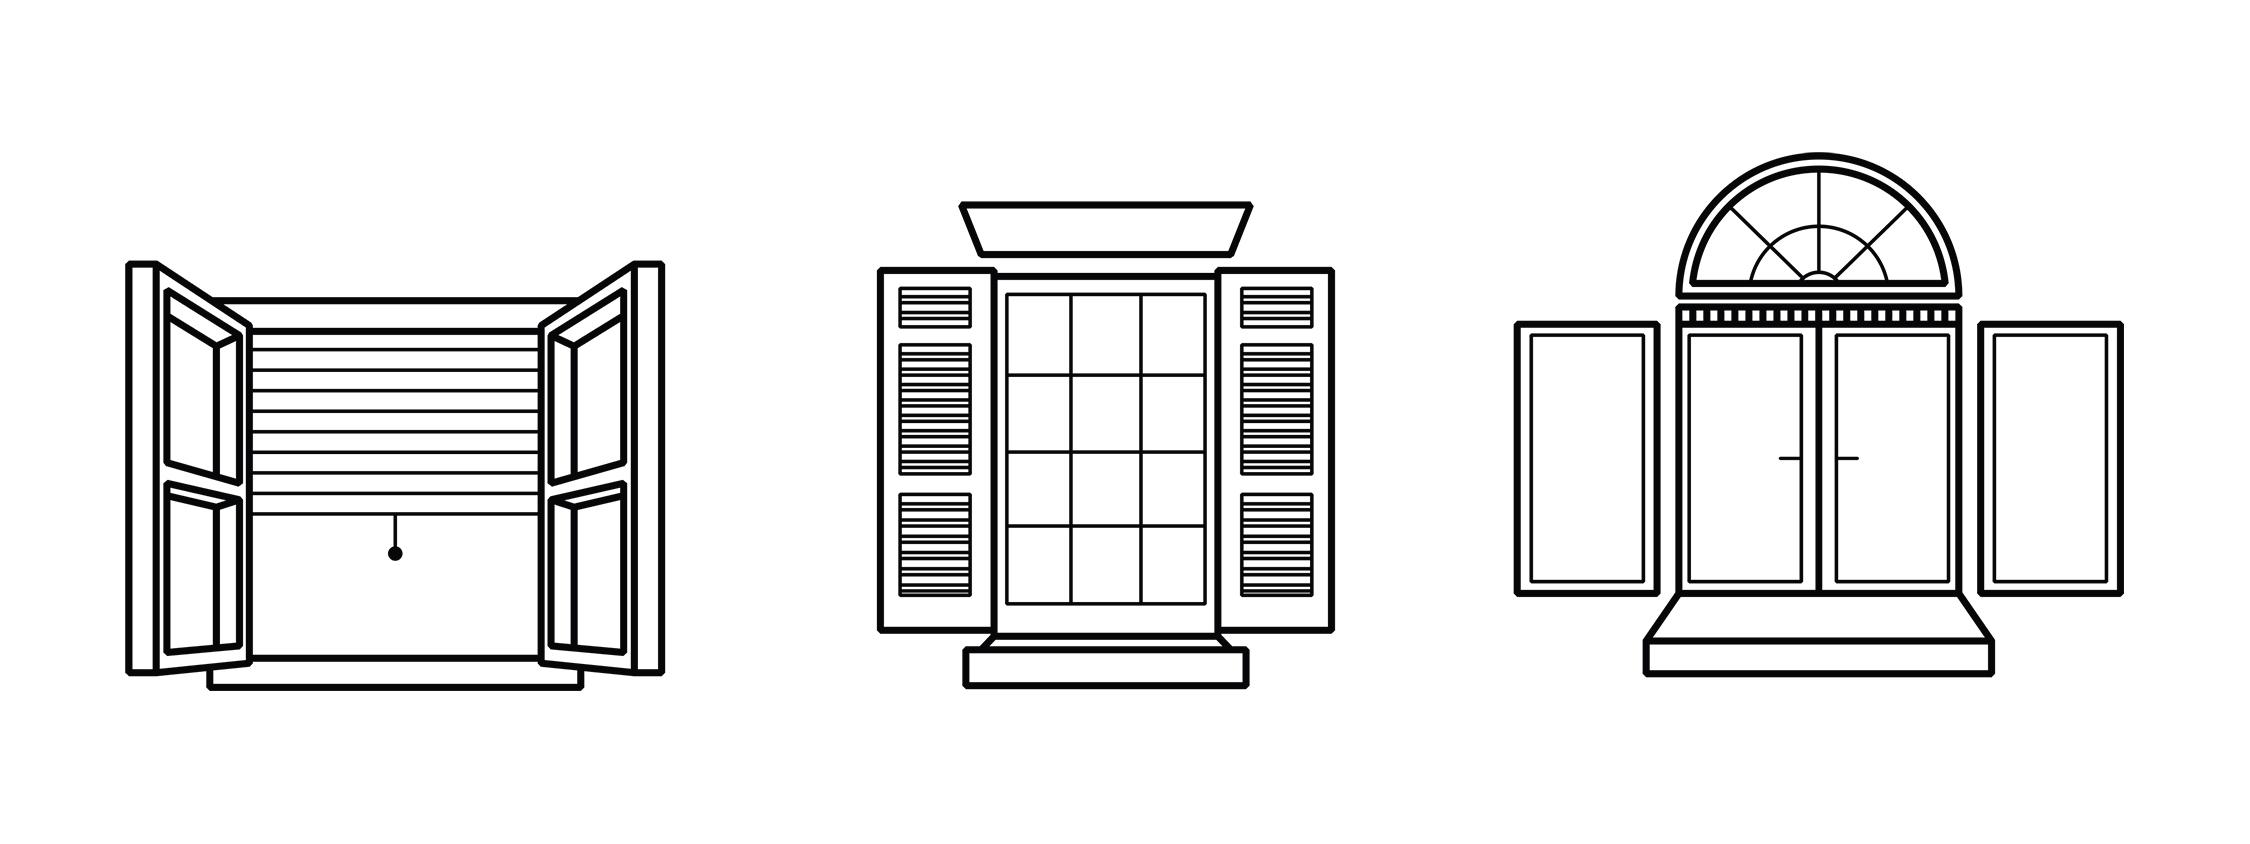 Mpgmb_Adzif_Rear_Window_4_L